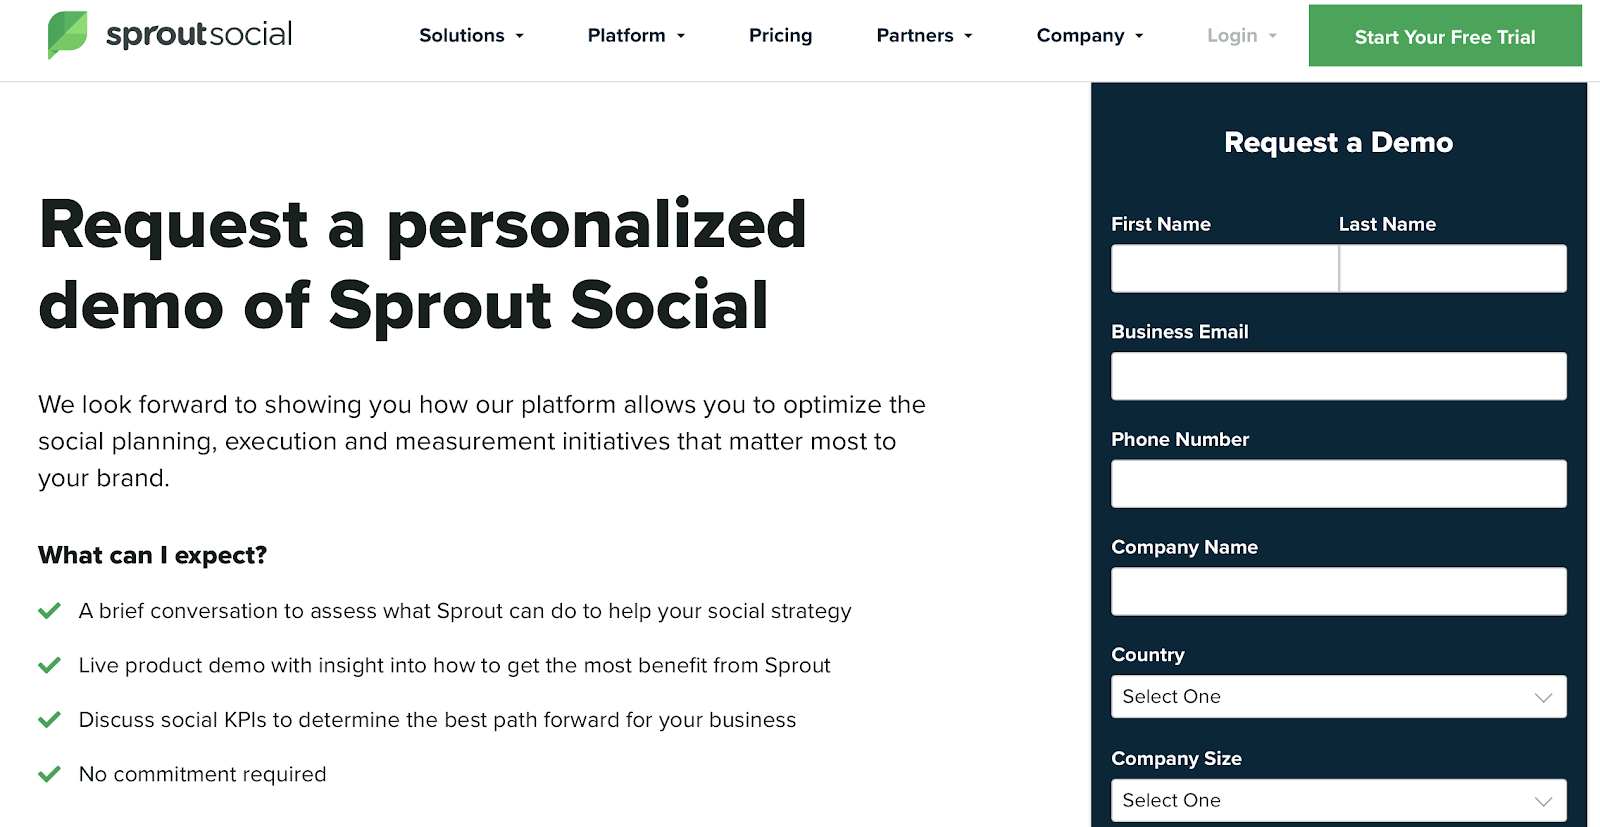 Come massimizzare i vantaggi dell'utilizzo degli strumenti di gestione dei social media - Sprout Social